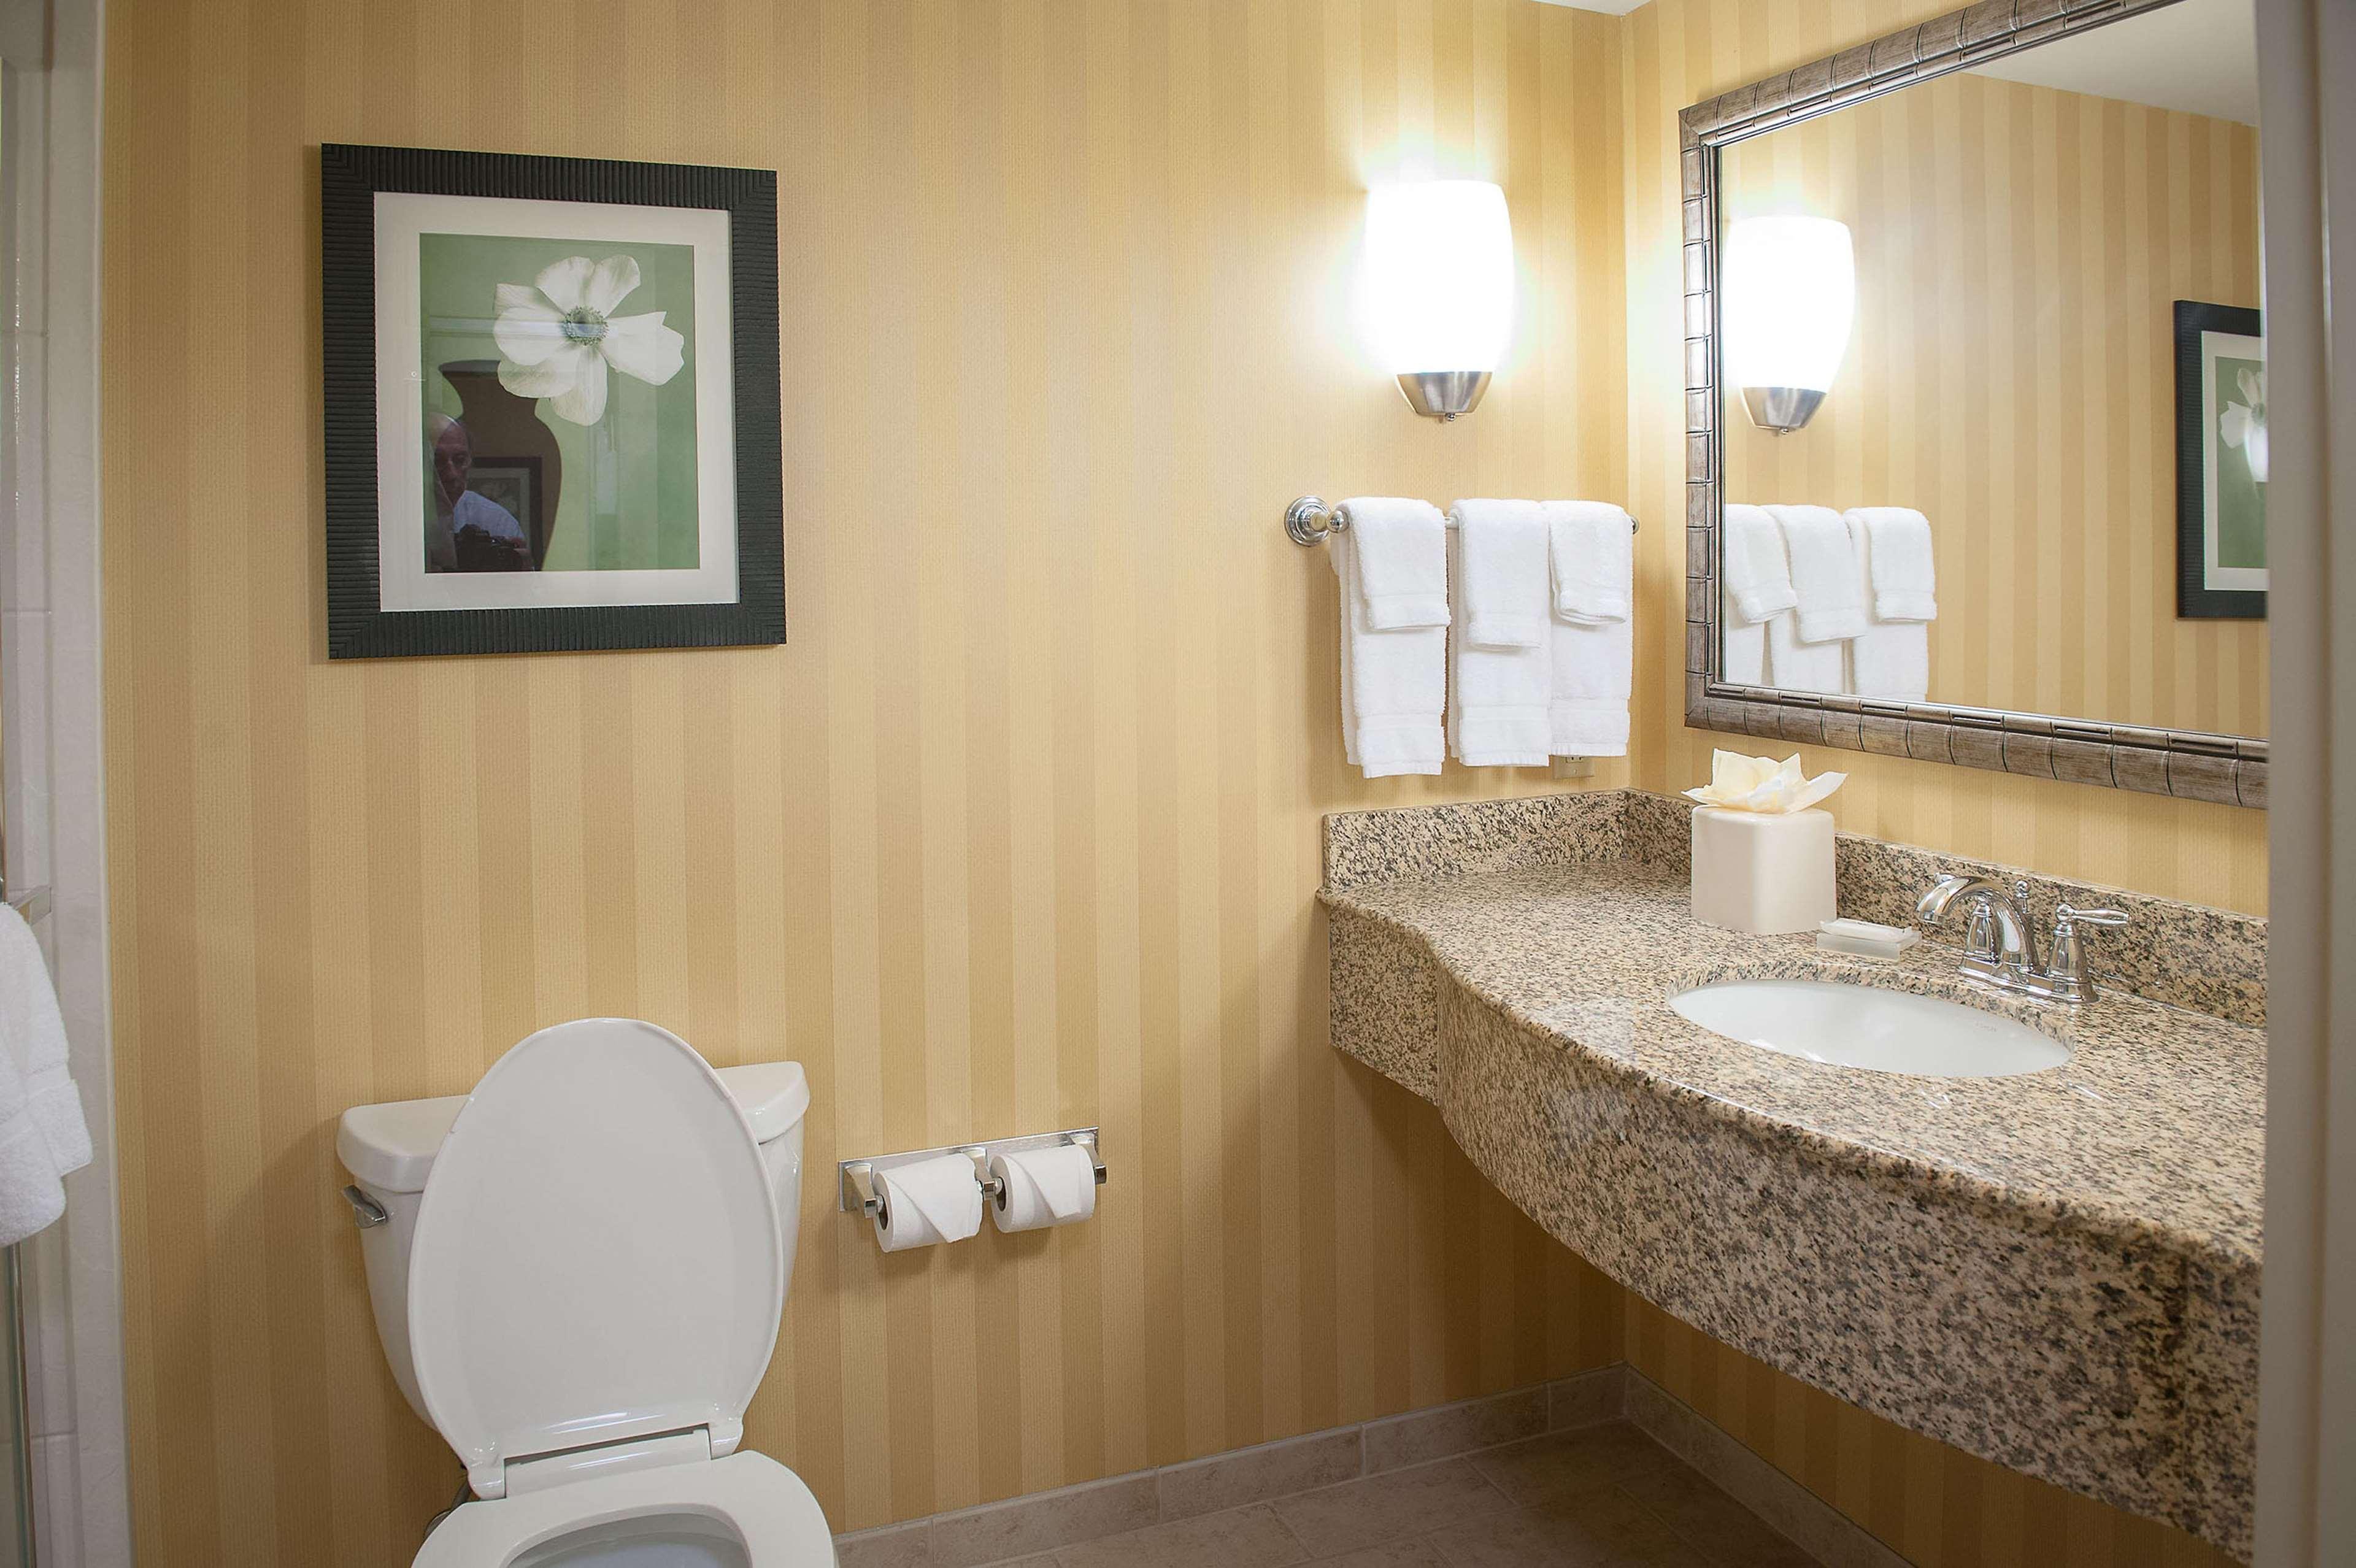 Hilton Garden Inn Pensacola Airport - Medical Center image 18